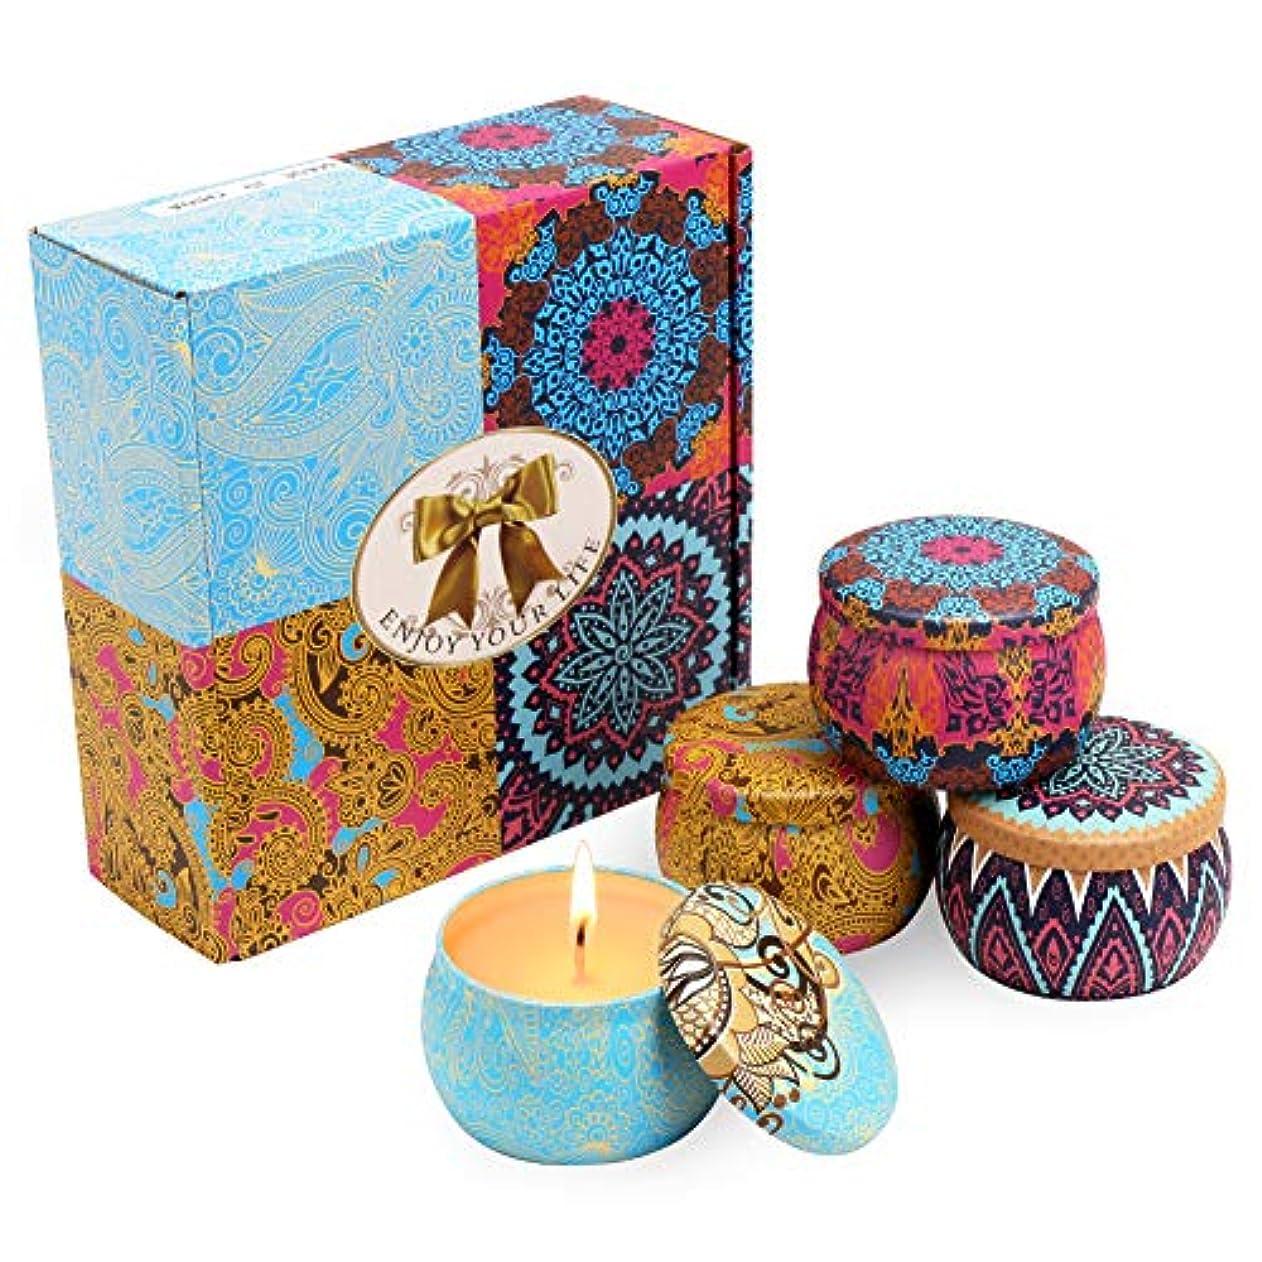 信念明るくする宇宙アロマキャンドル MANLI ソイワックス 天然 大豆ワックス 4つ香り 果物の香り 4個セット キャンドル アロマテラピー ロウソク バレンタインデー プレゼント ロマンチック 結婚式 誕生日(四セット)